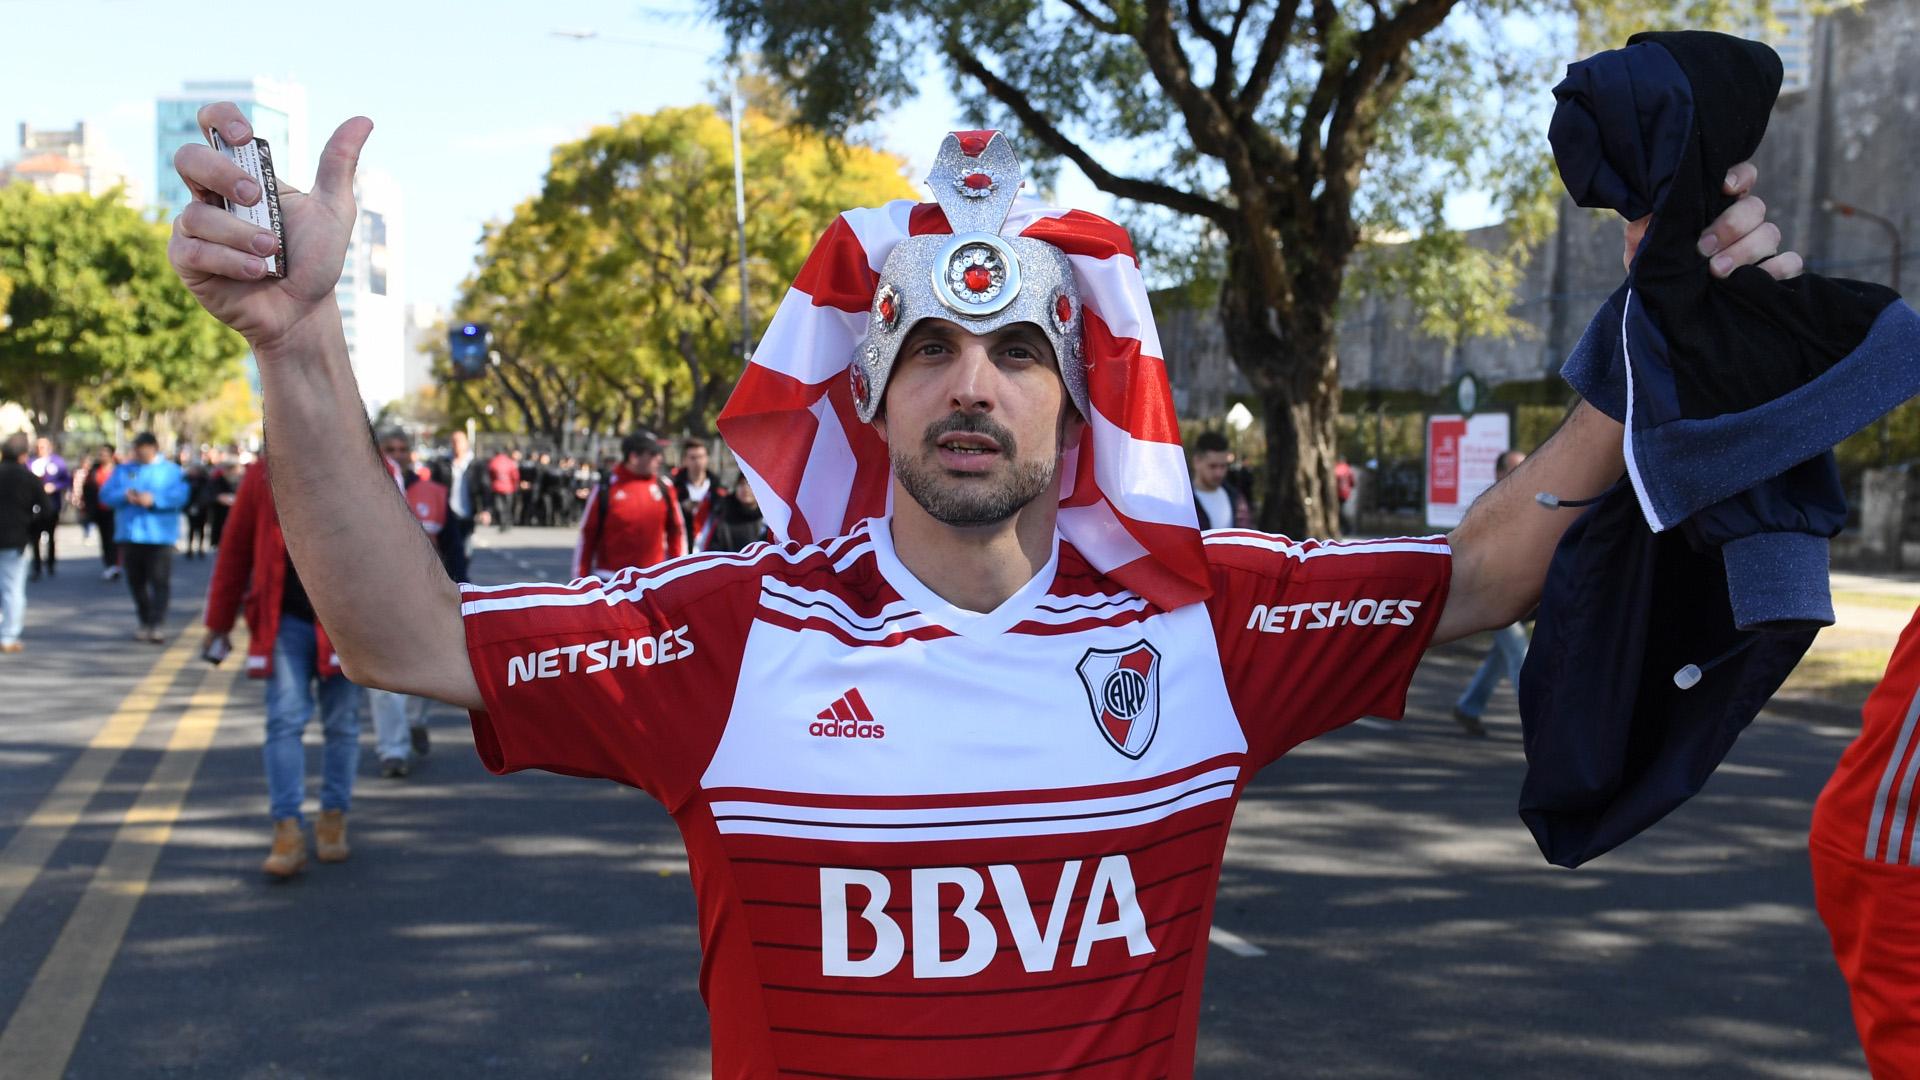 algunos fanáticos desidieron acudir al recinto con looks extravagantes, siempre con el blanco y rojo como protagonista